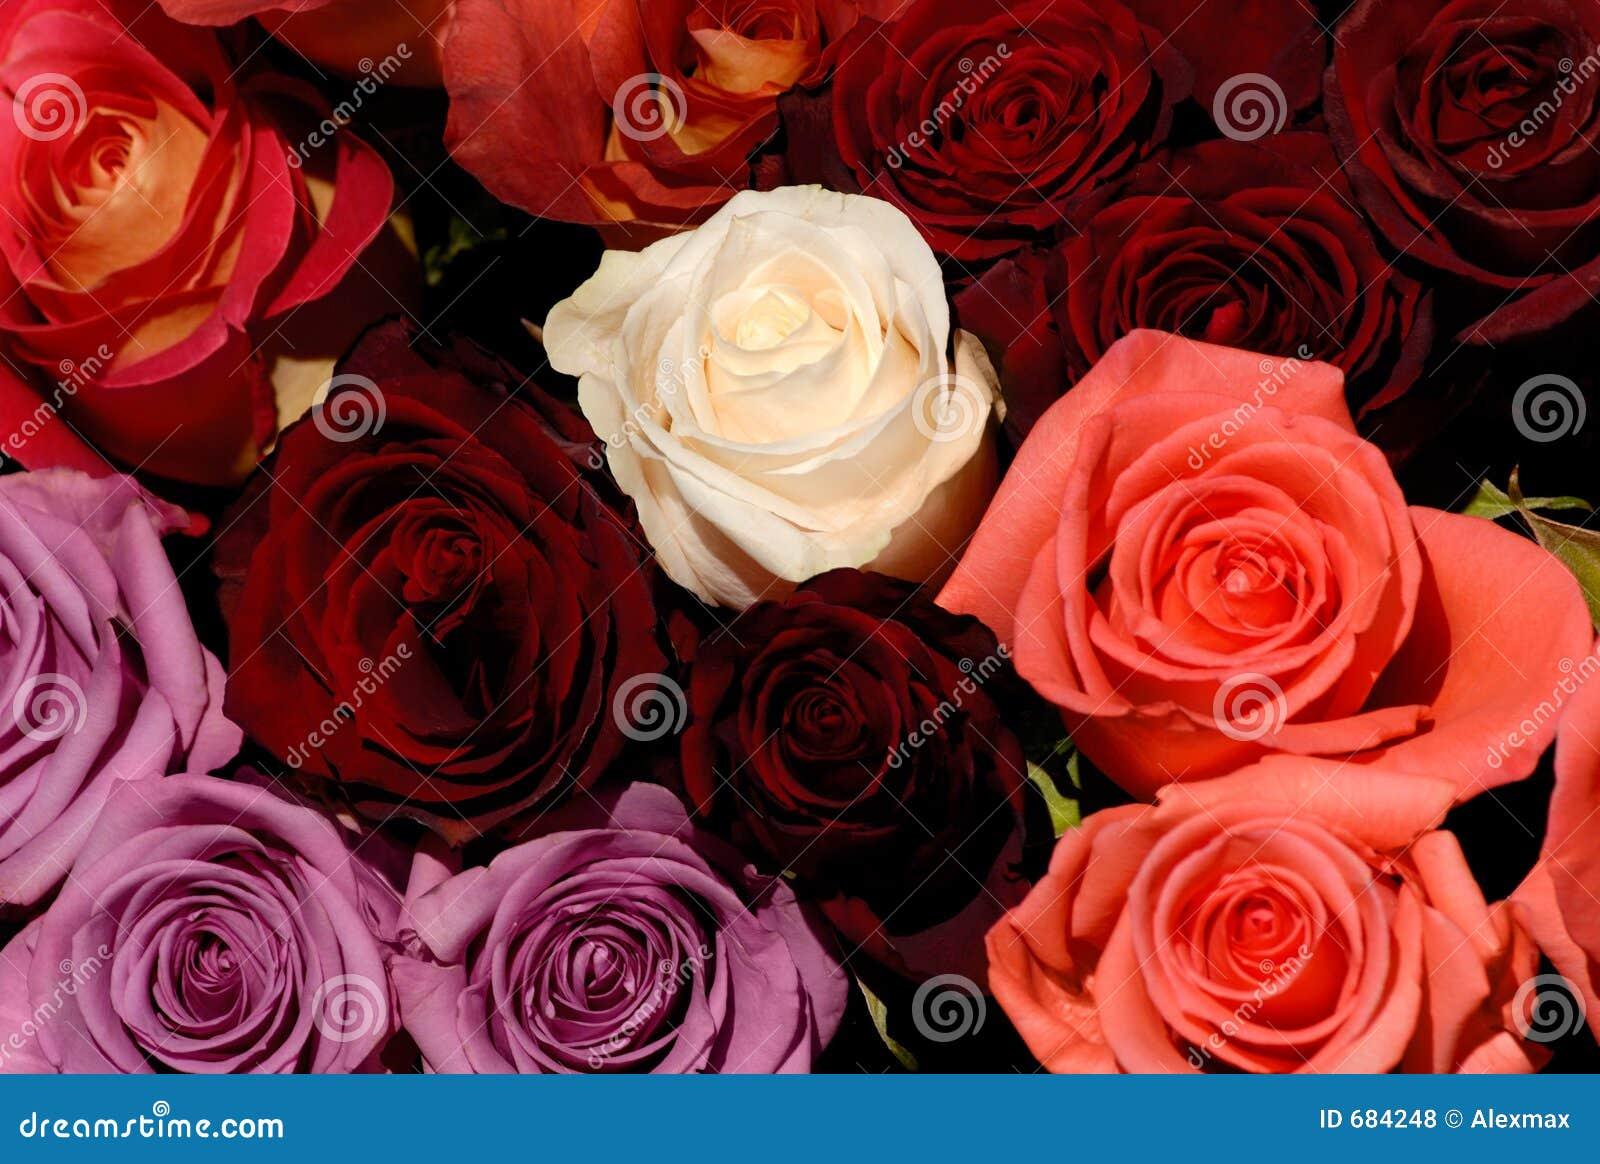 les belles roses rouges et blanches fleurit le fond d. Black Bedroom Furniture Sets. Home Design Ideas